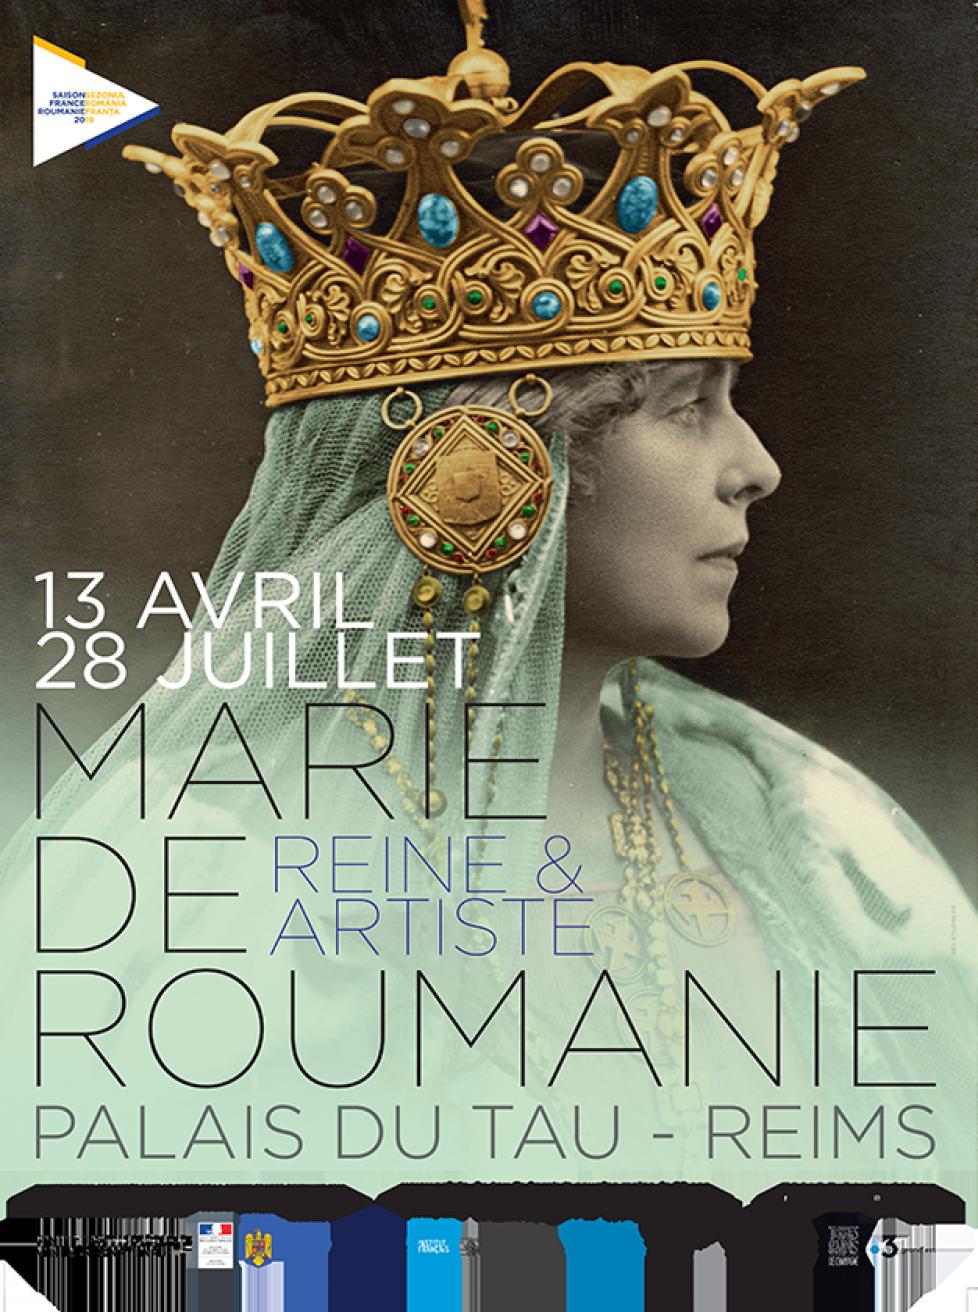 626-affiche-exposition-marie-de-roumanie-palais-du-tau